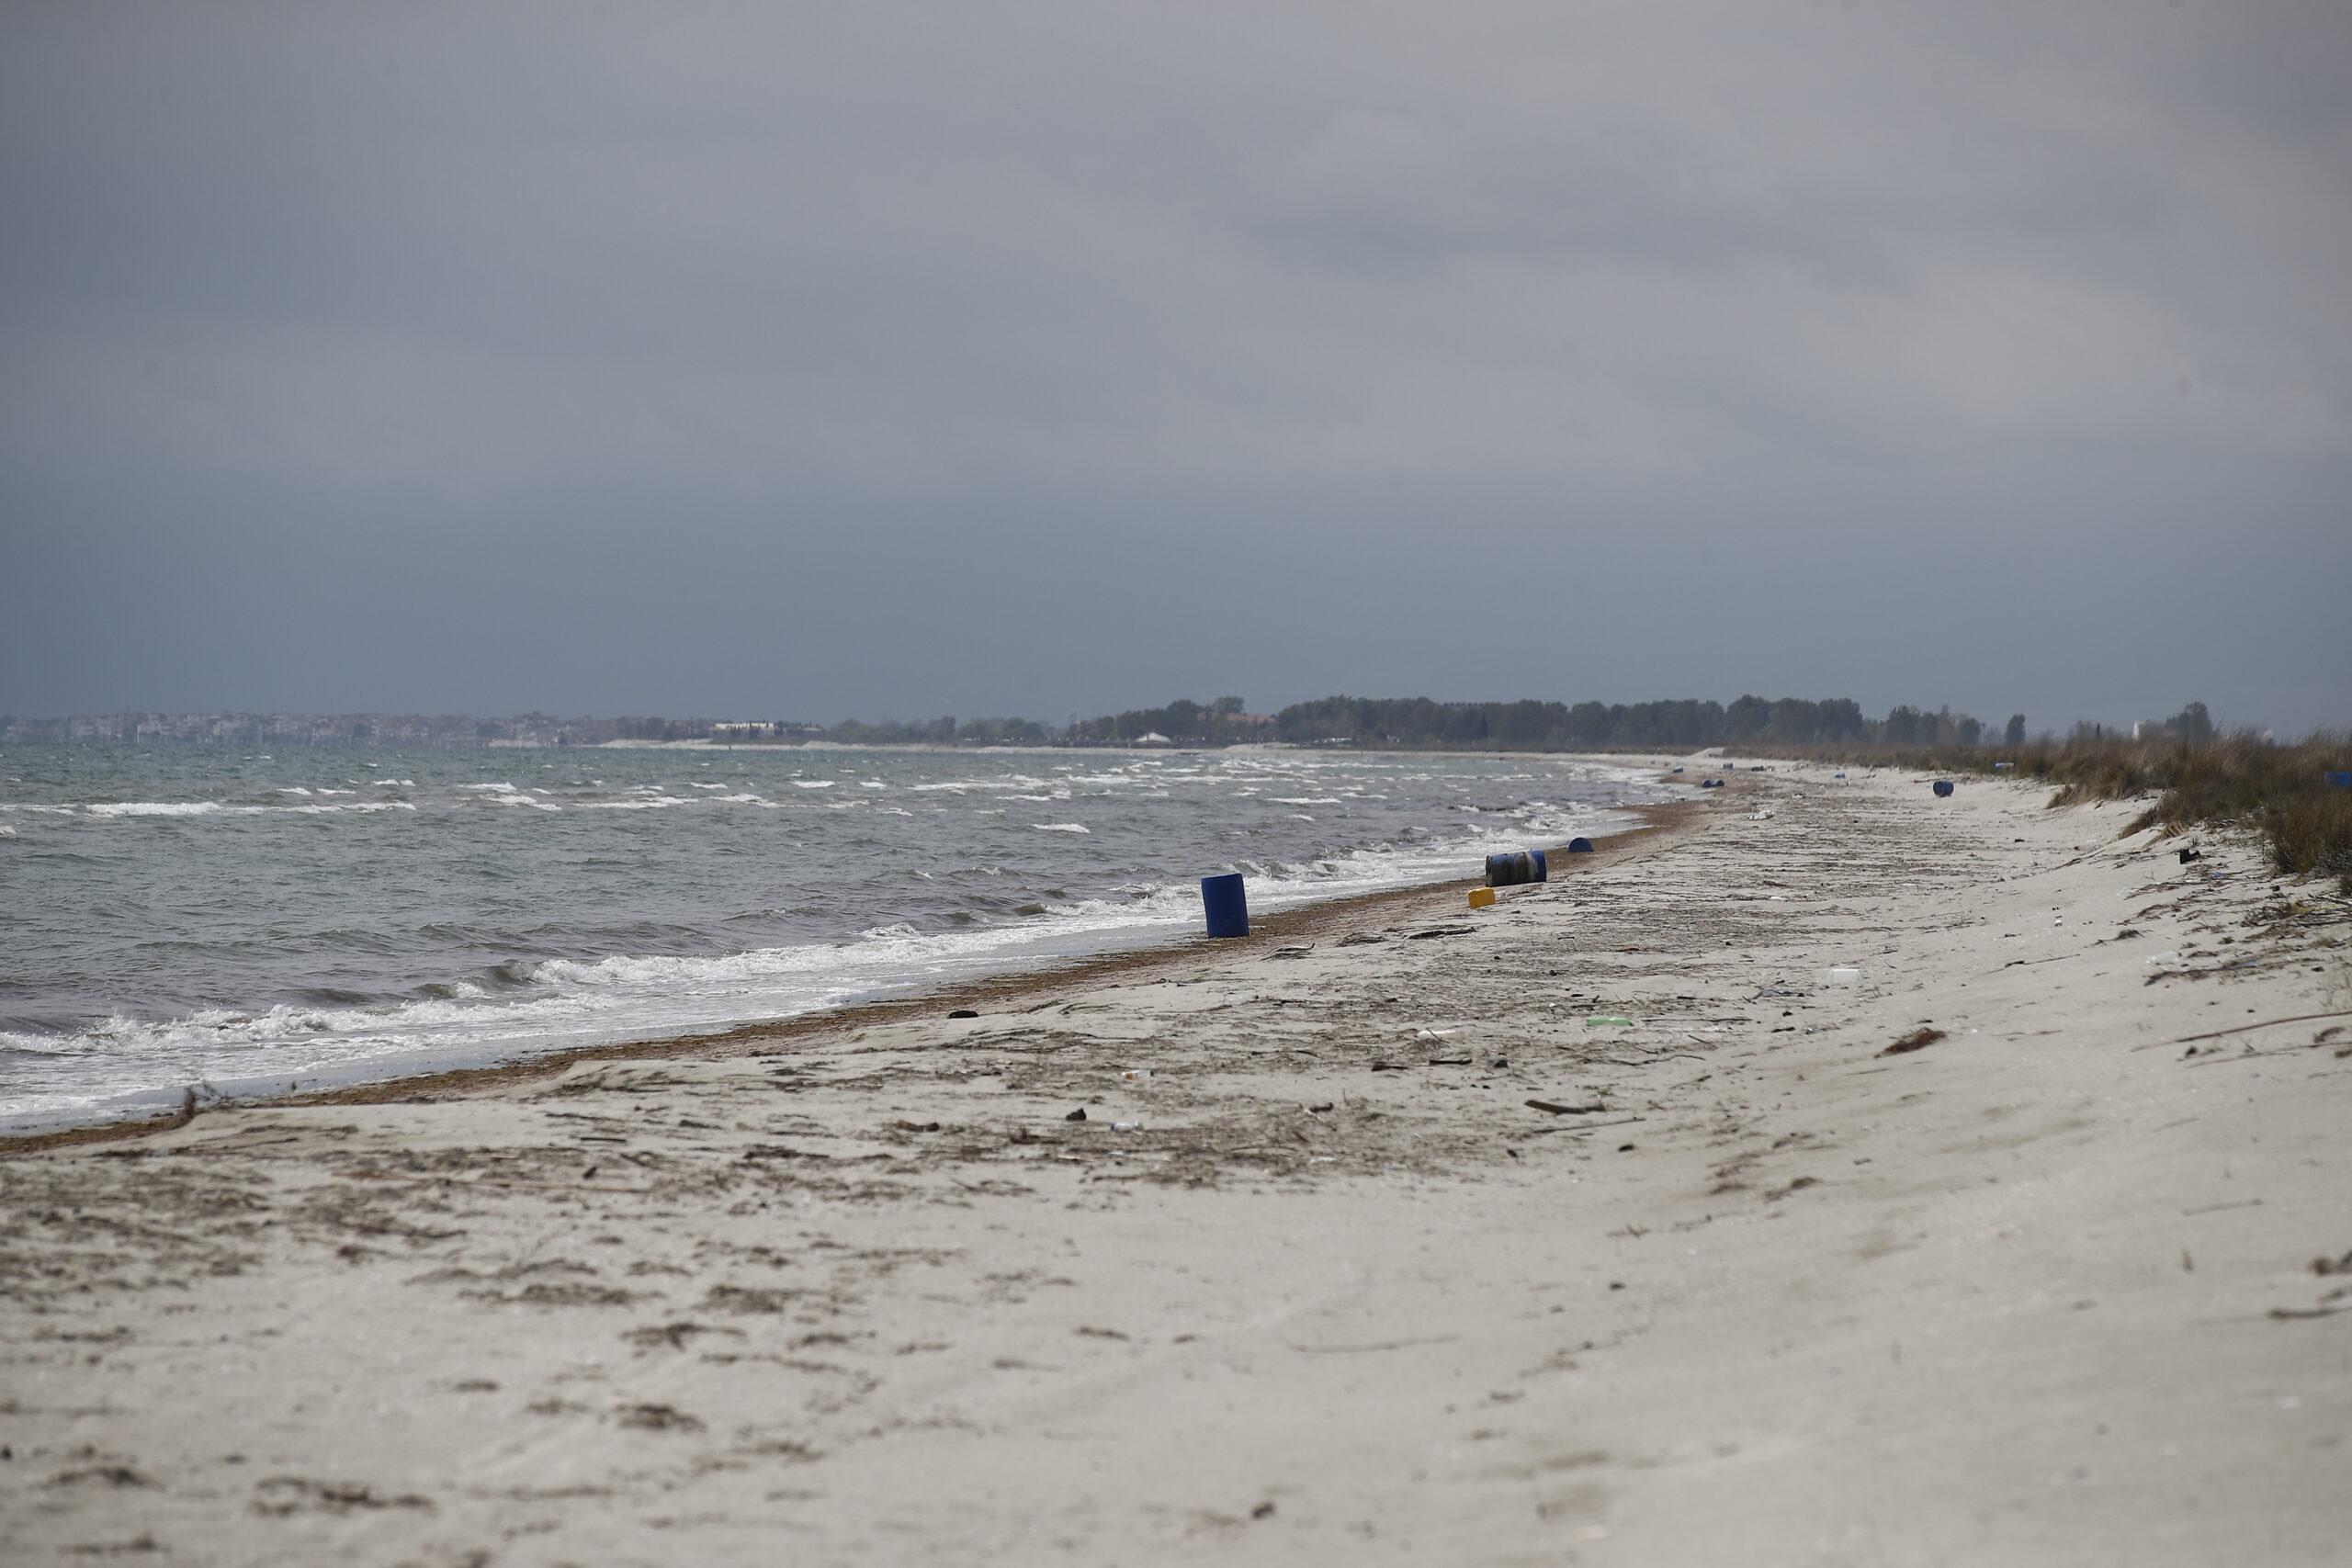 Λιμνοθάλασσα Αλυκής Κίτρους: Κραυγή προστασίας για ένα «σιωπηλό» οικοσύστημα - ThessPress